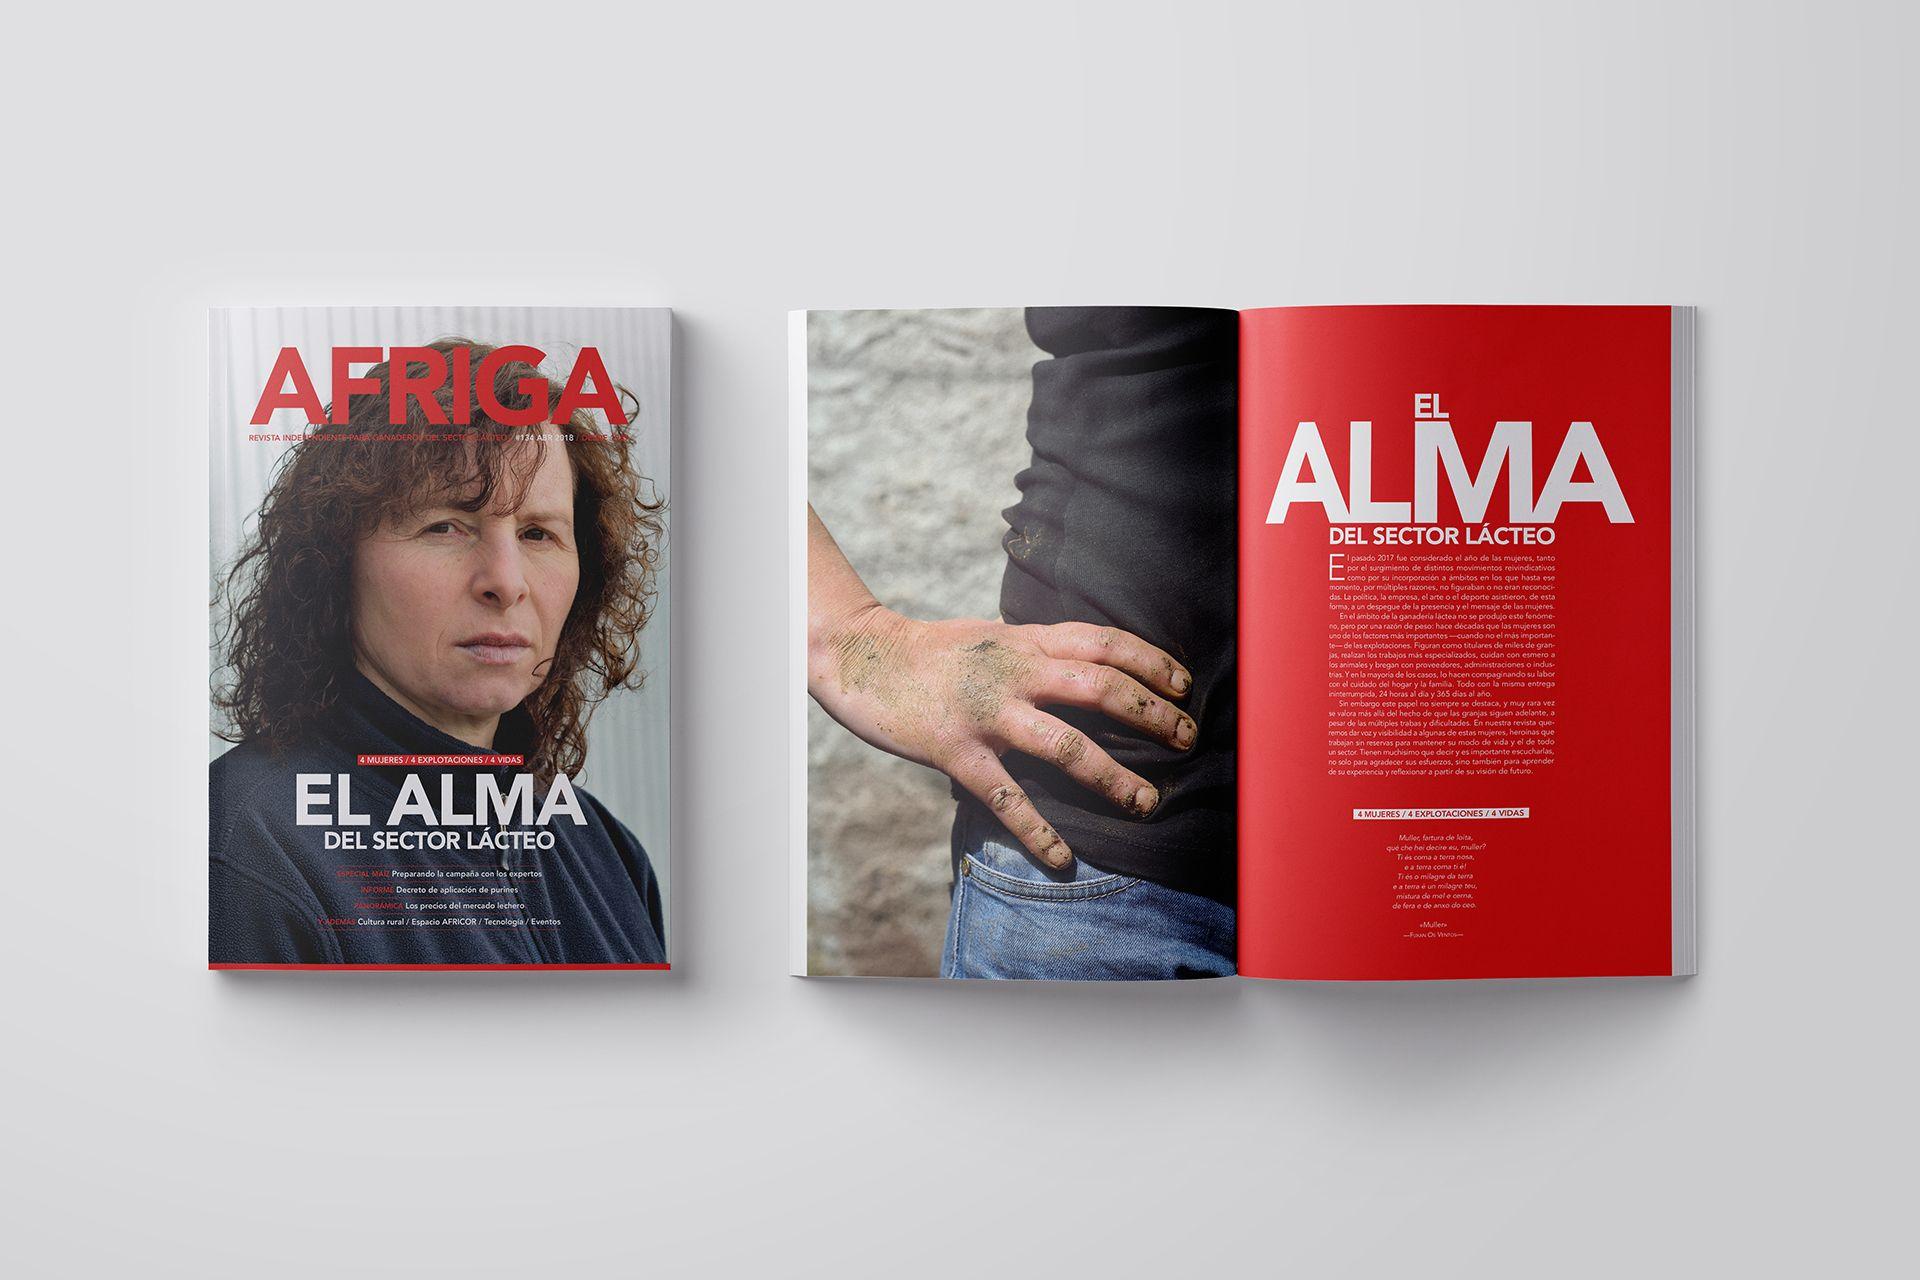 Revista AFRIGA #134: El alma del sector lácteo